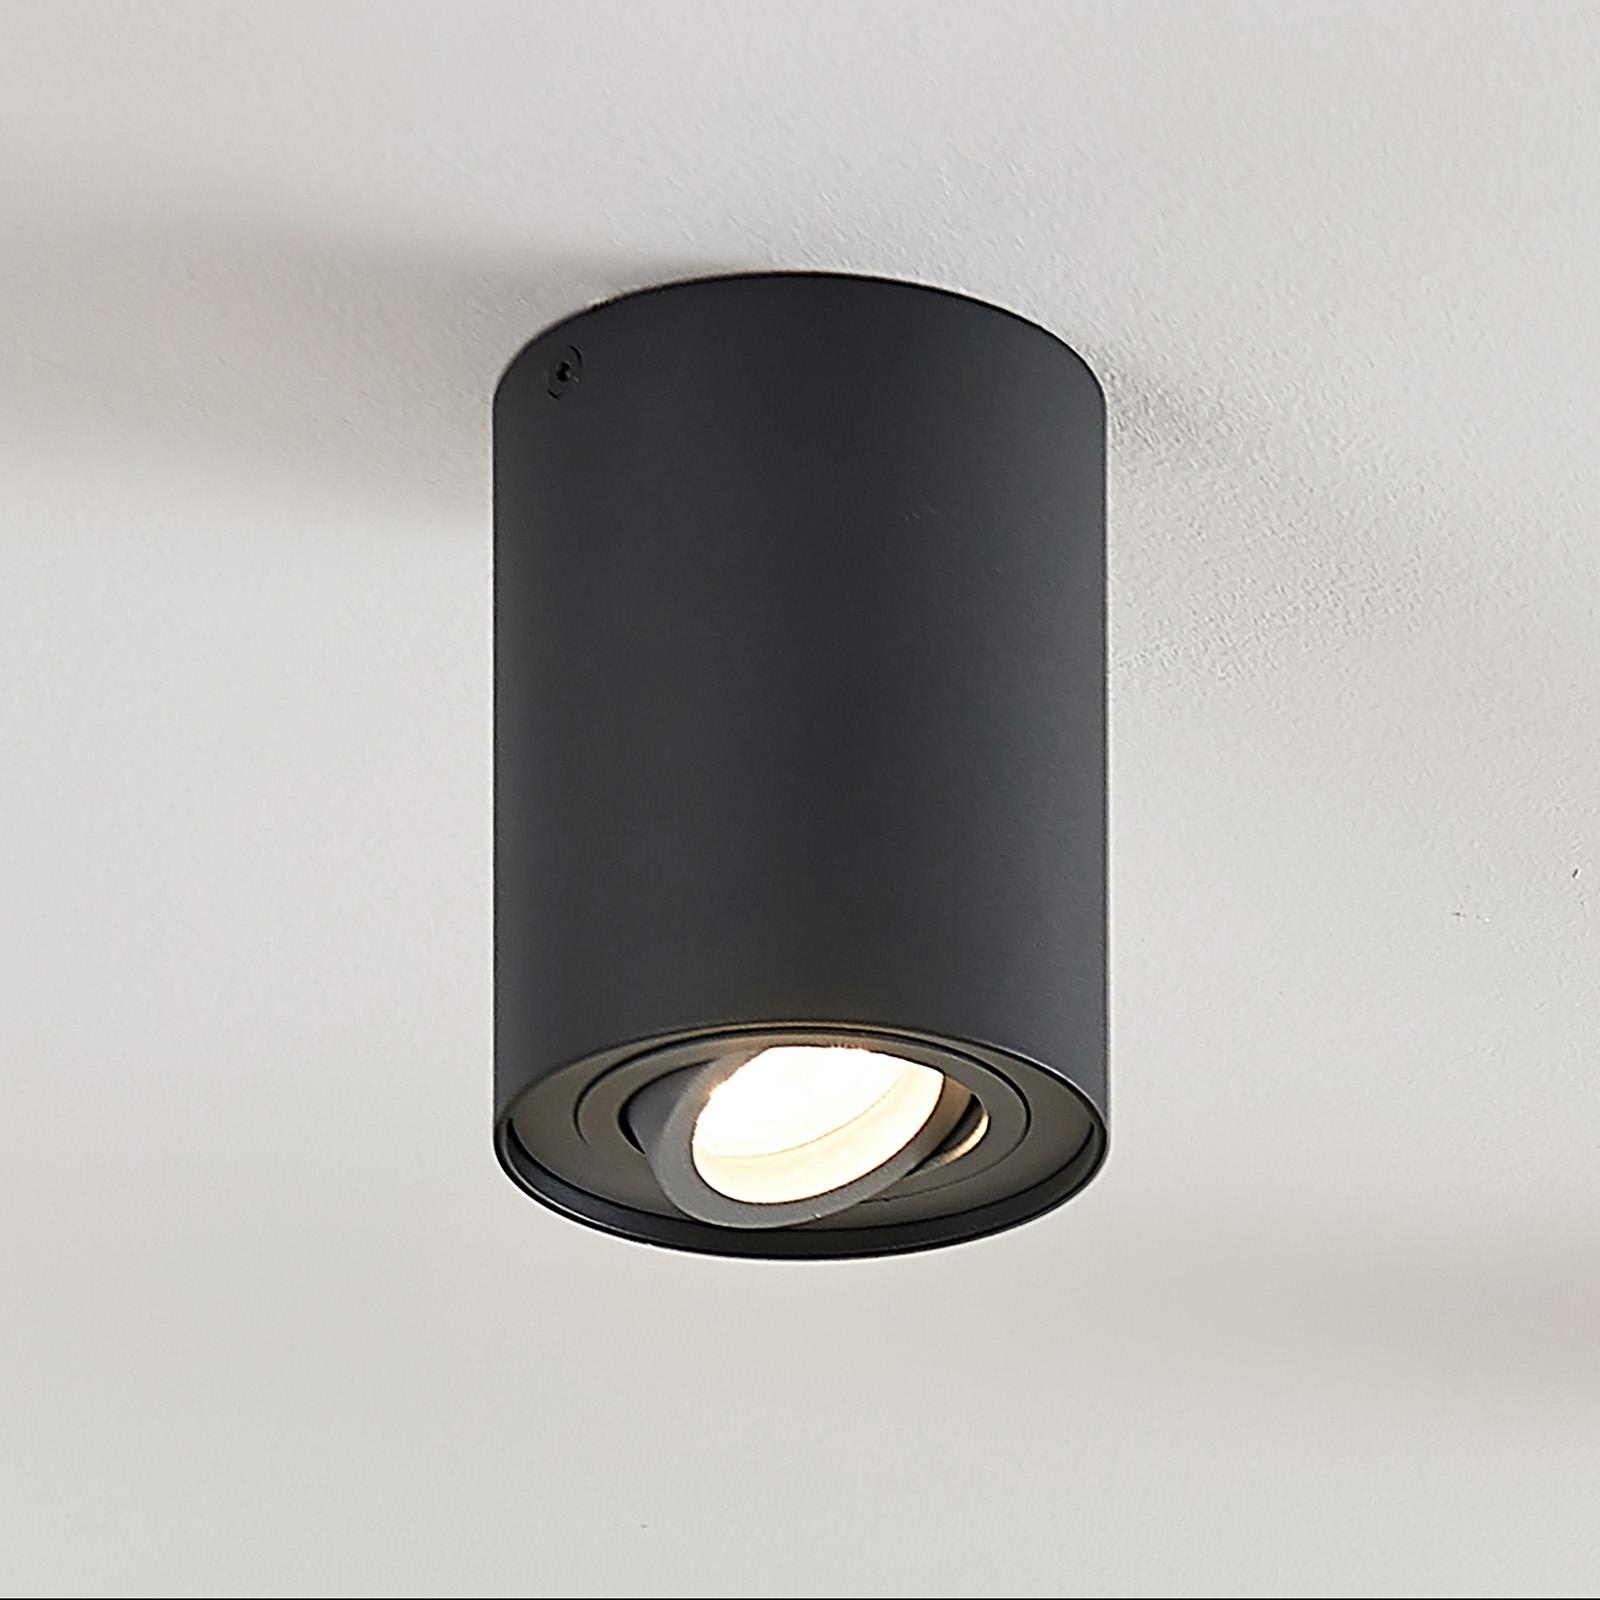 ELC Jeyla přisazený downlight, GU10, kulatý, černý